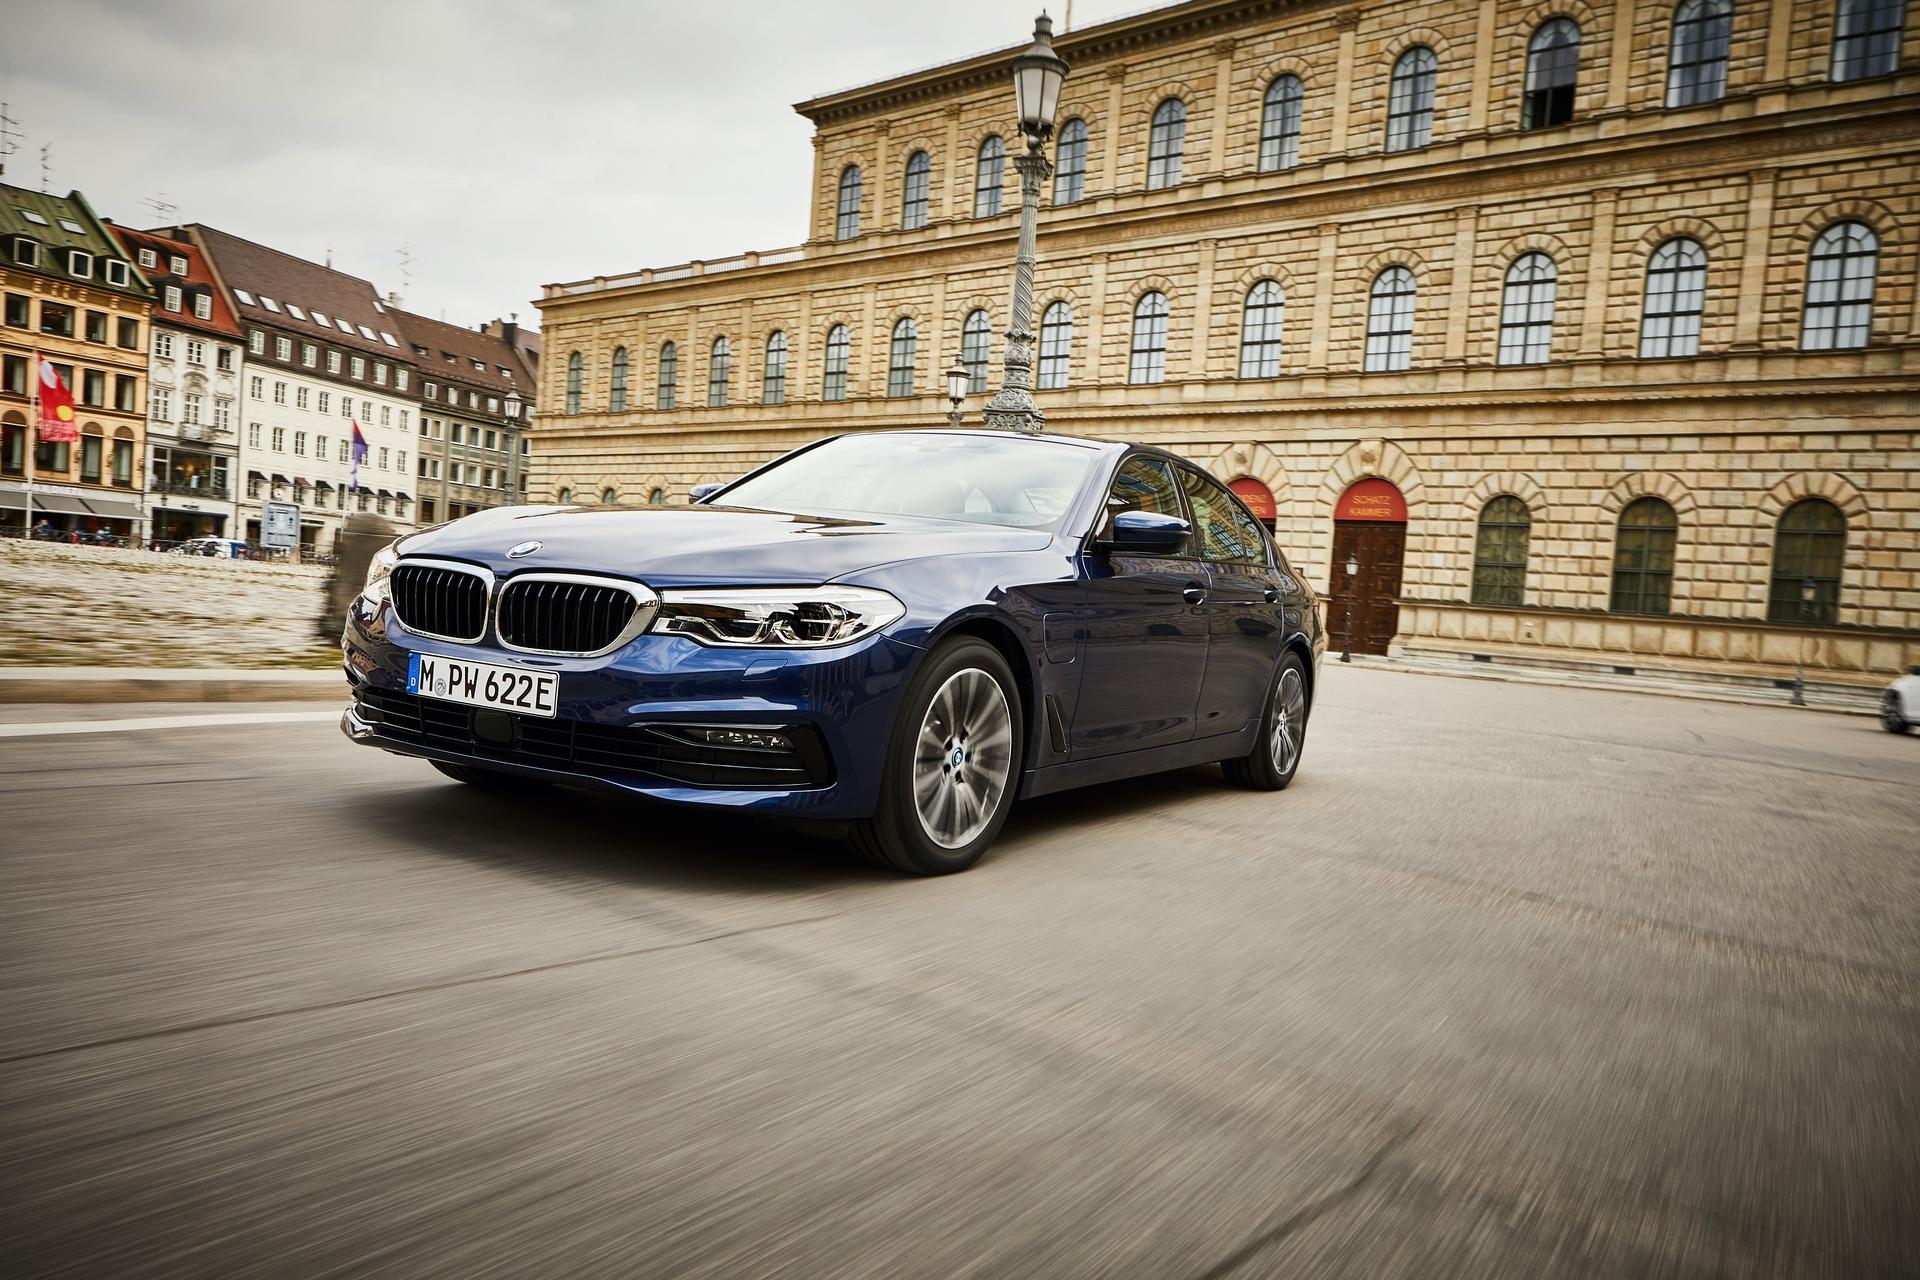 2019 BMW 530e xdrive 03